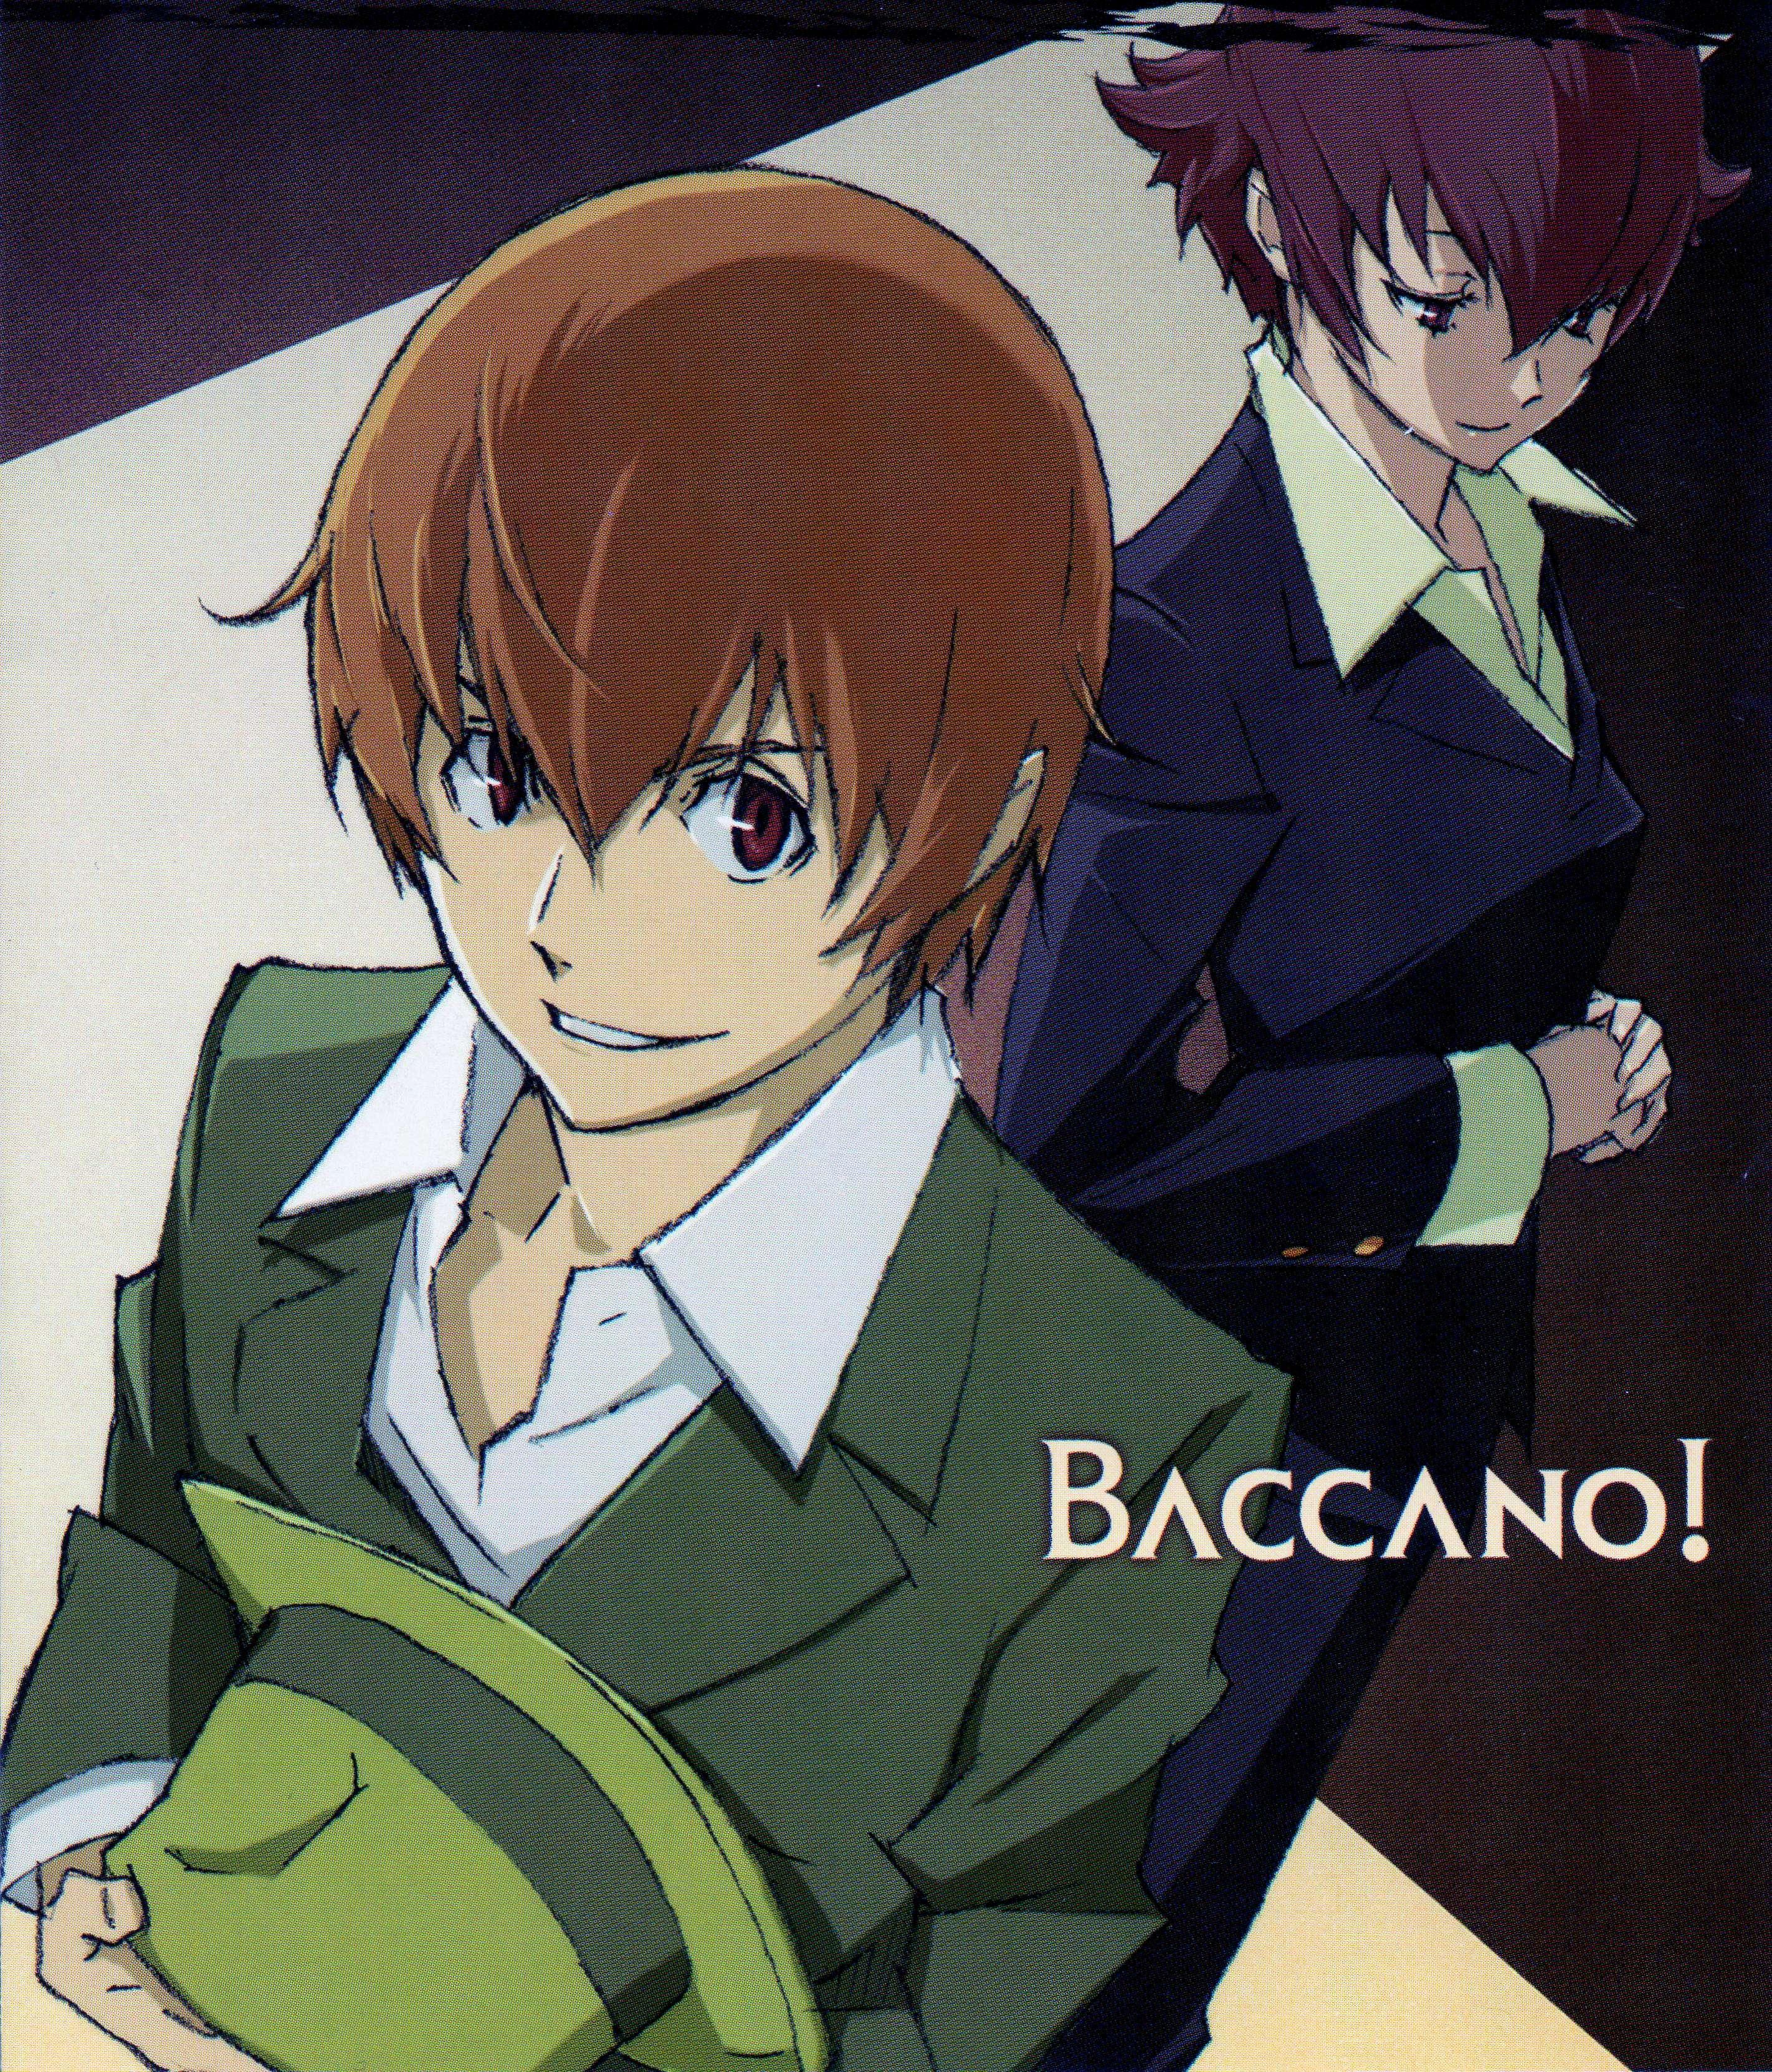 Baccano!/#631196 - Zerochan